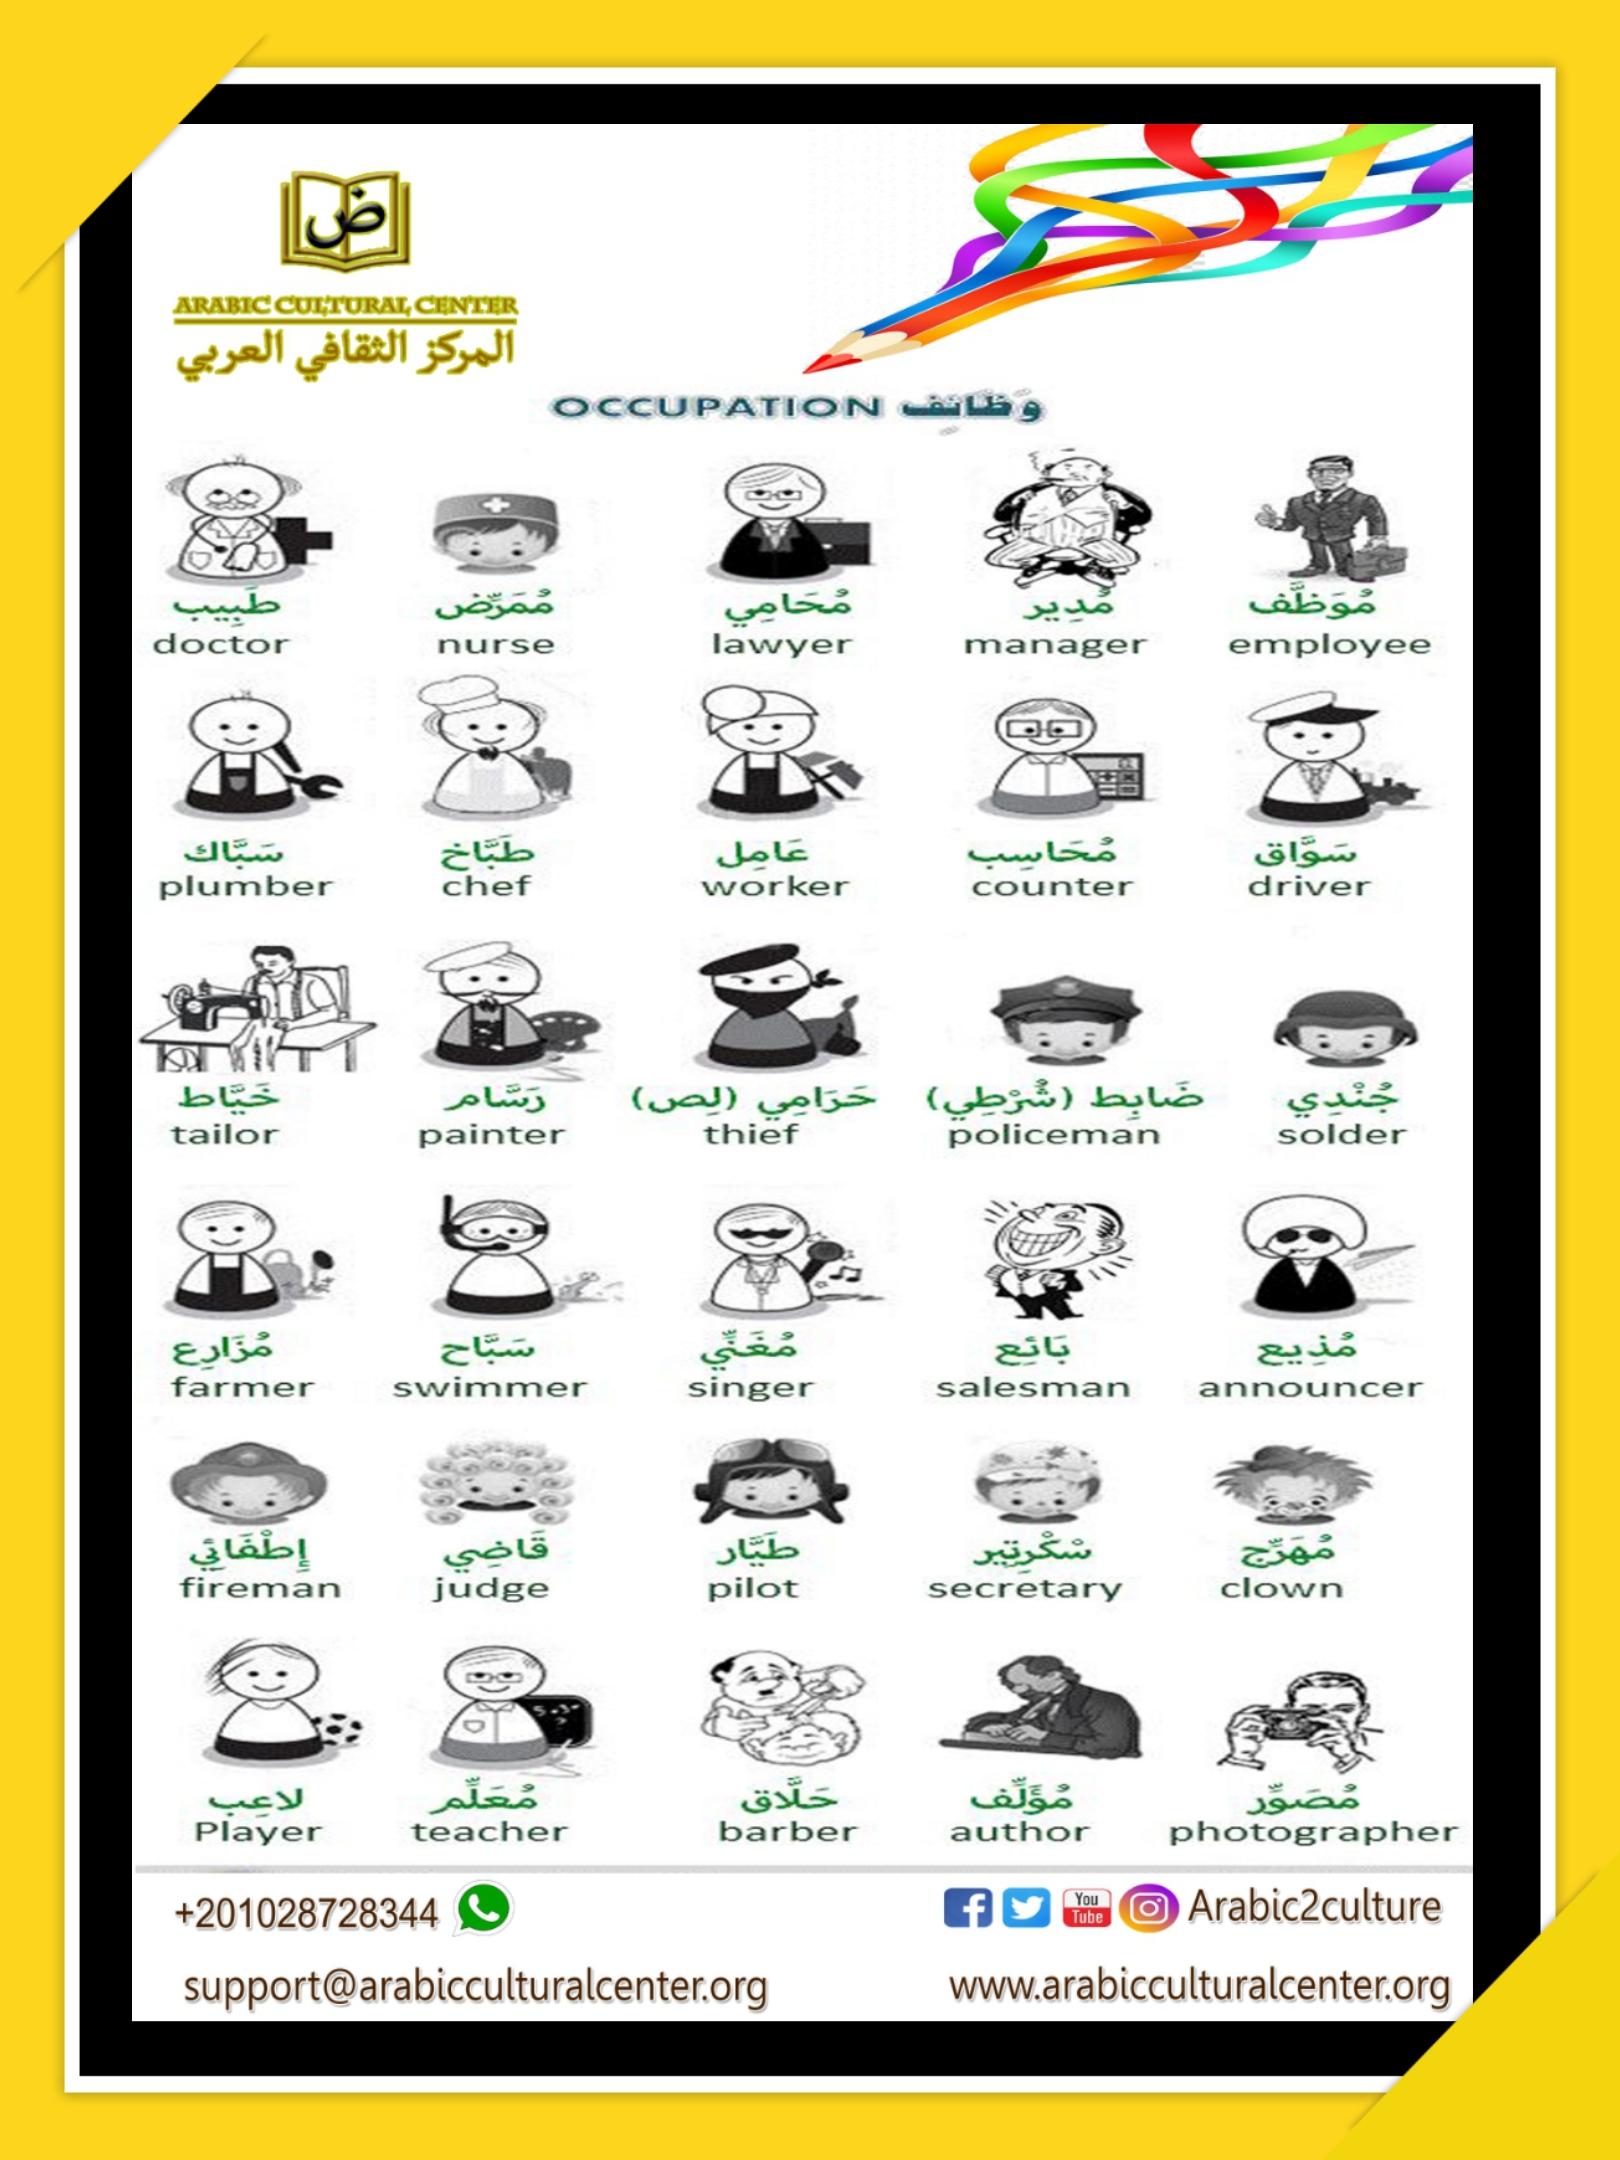 Jobs in Arabic